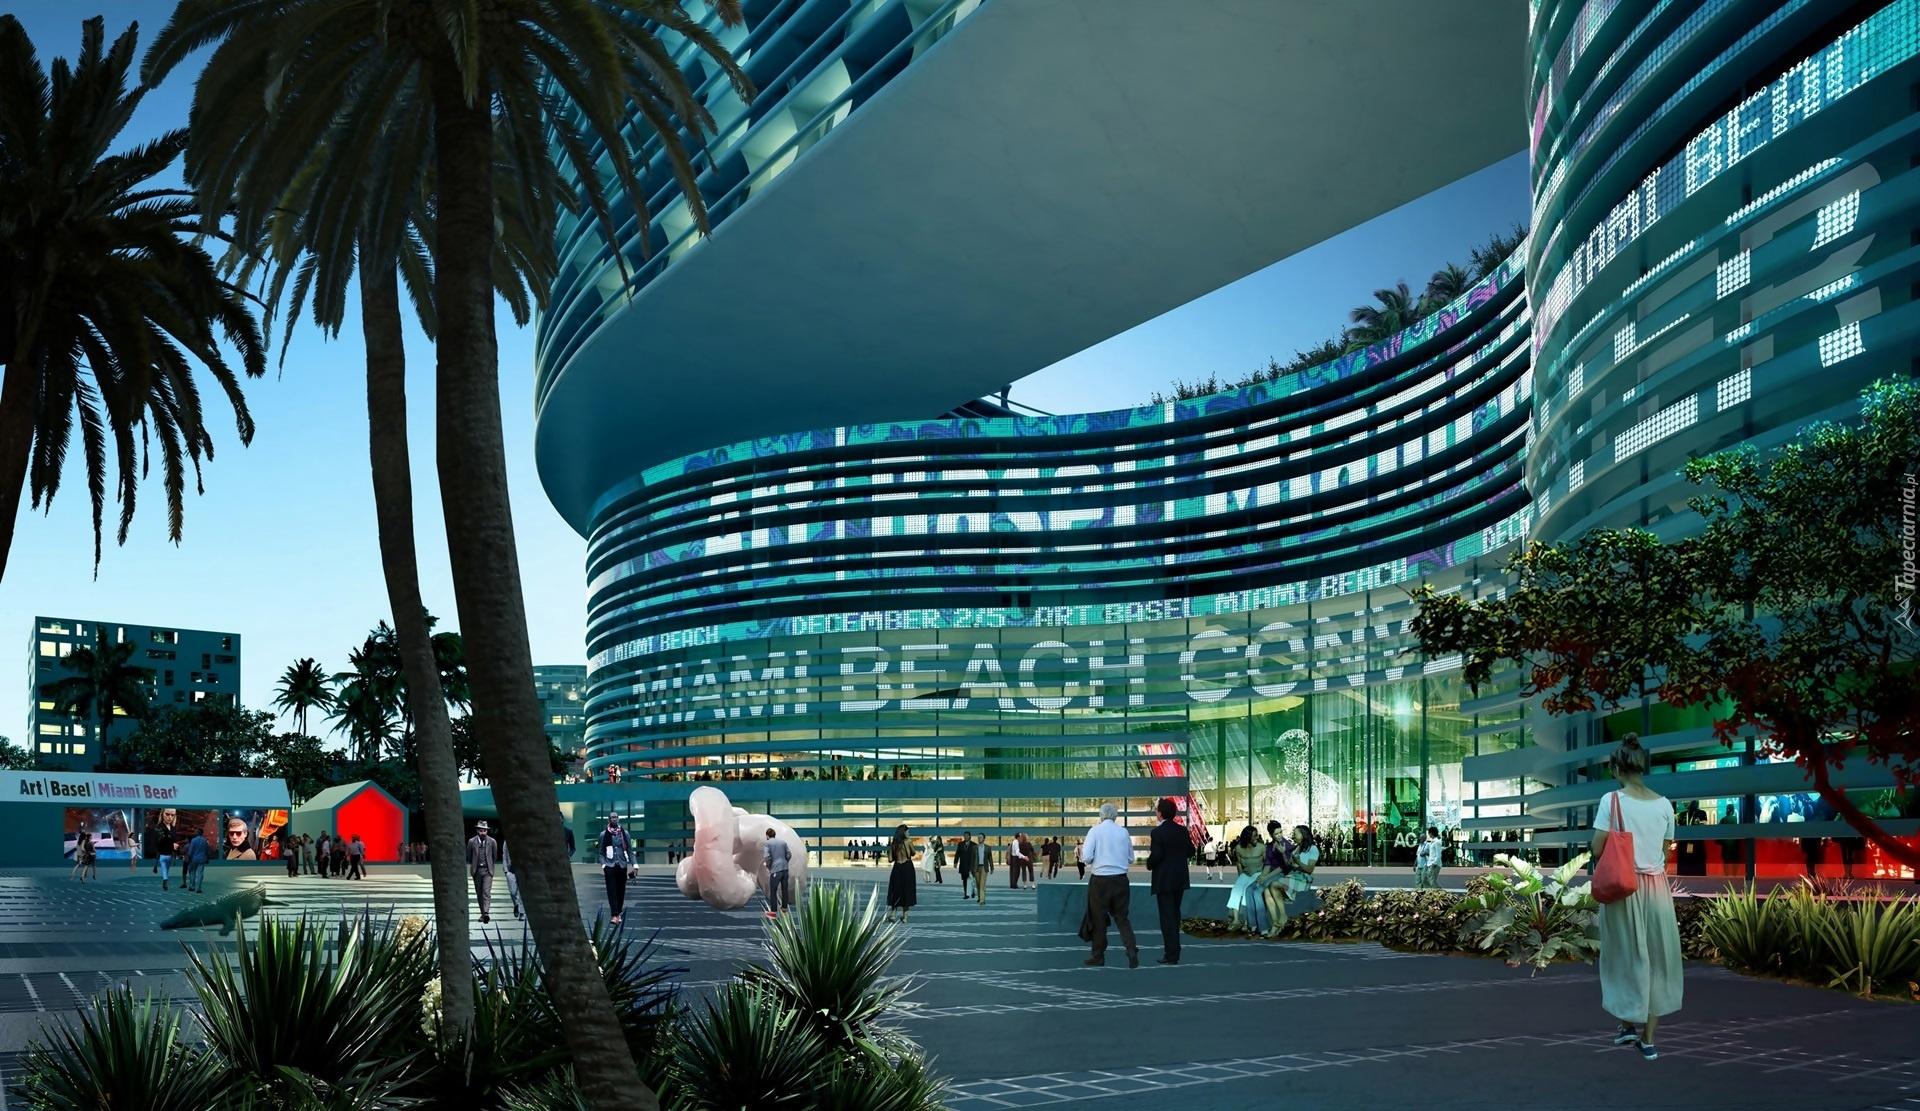 Miami centrum kongresowe palmy - Home design miami beach convention center ...